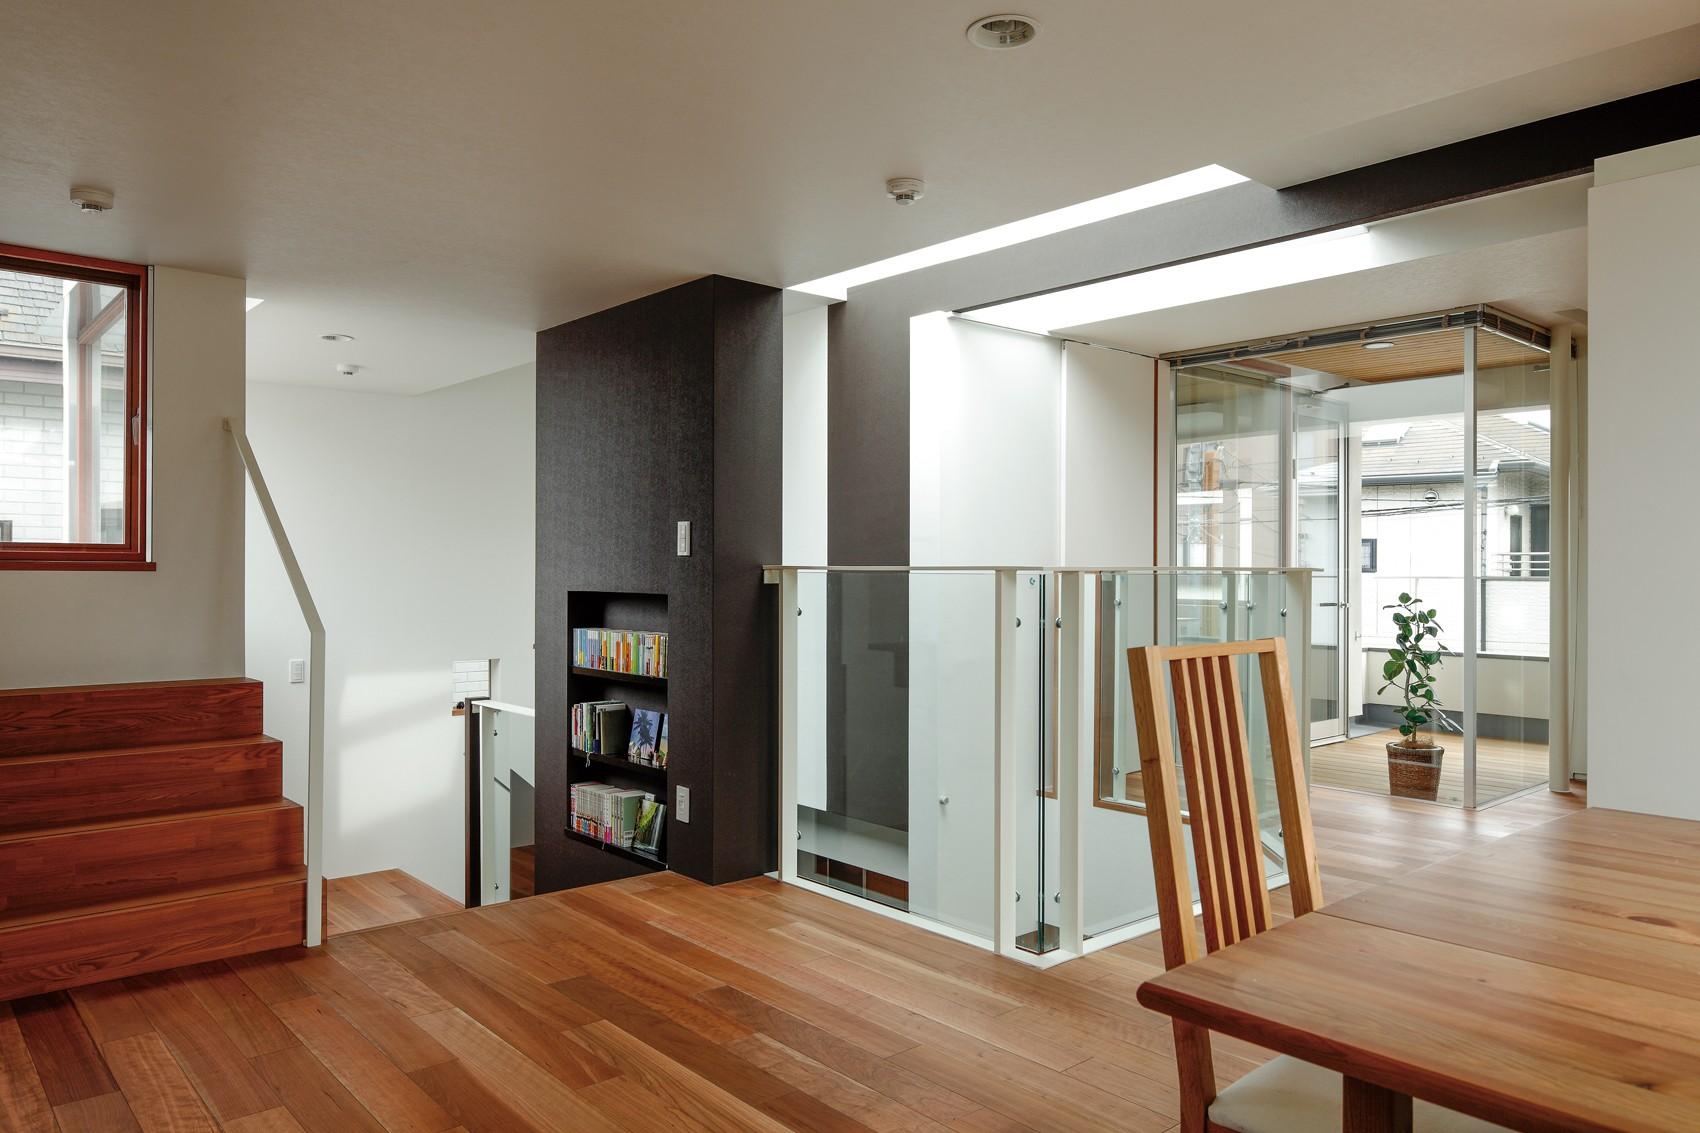 子供部屋事例:二階から中二階方向(仕事場のある住まい あなたの場所・自分の居場所を創る みずみずしいブルーが印象的なWorking Space)